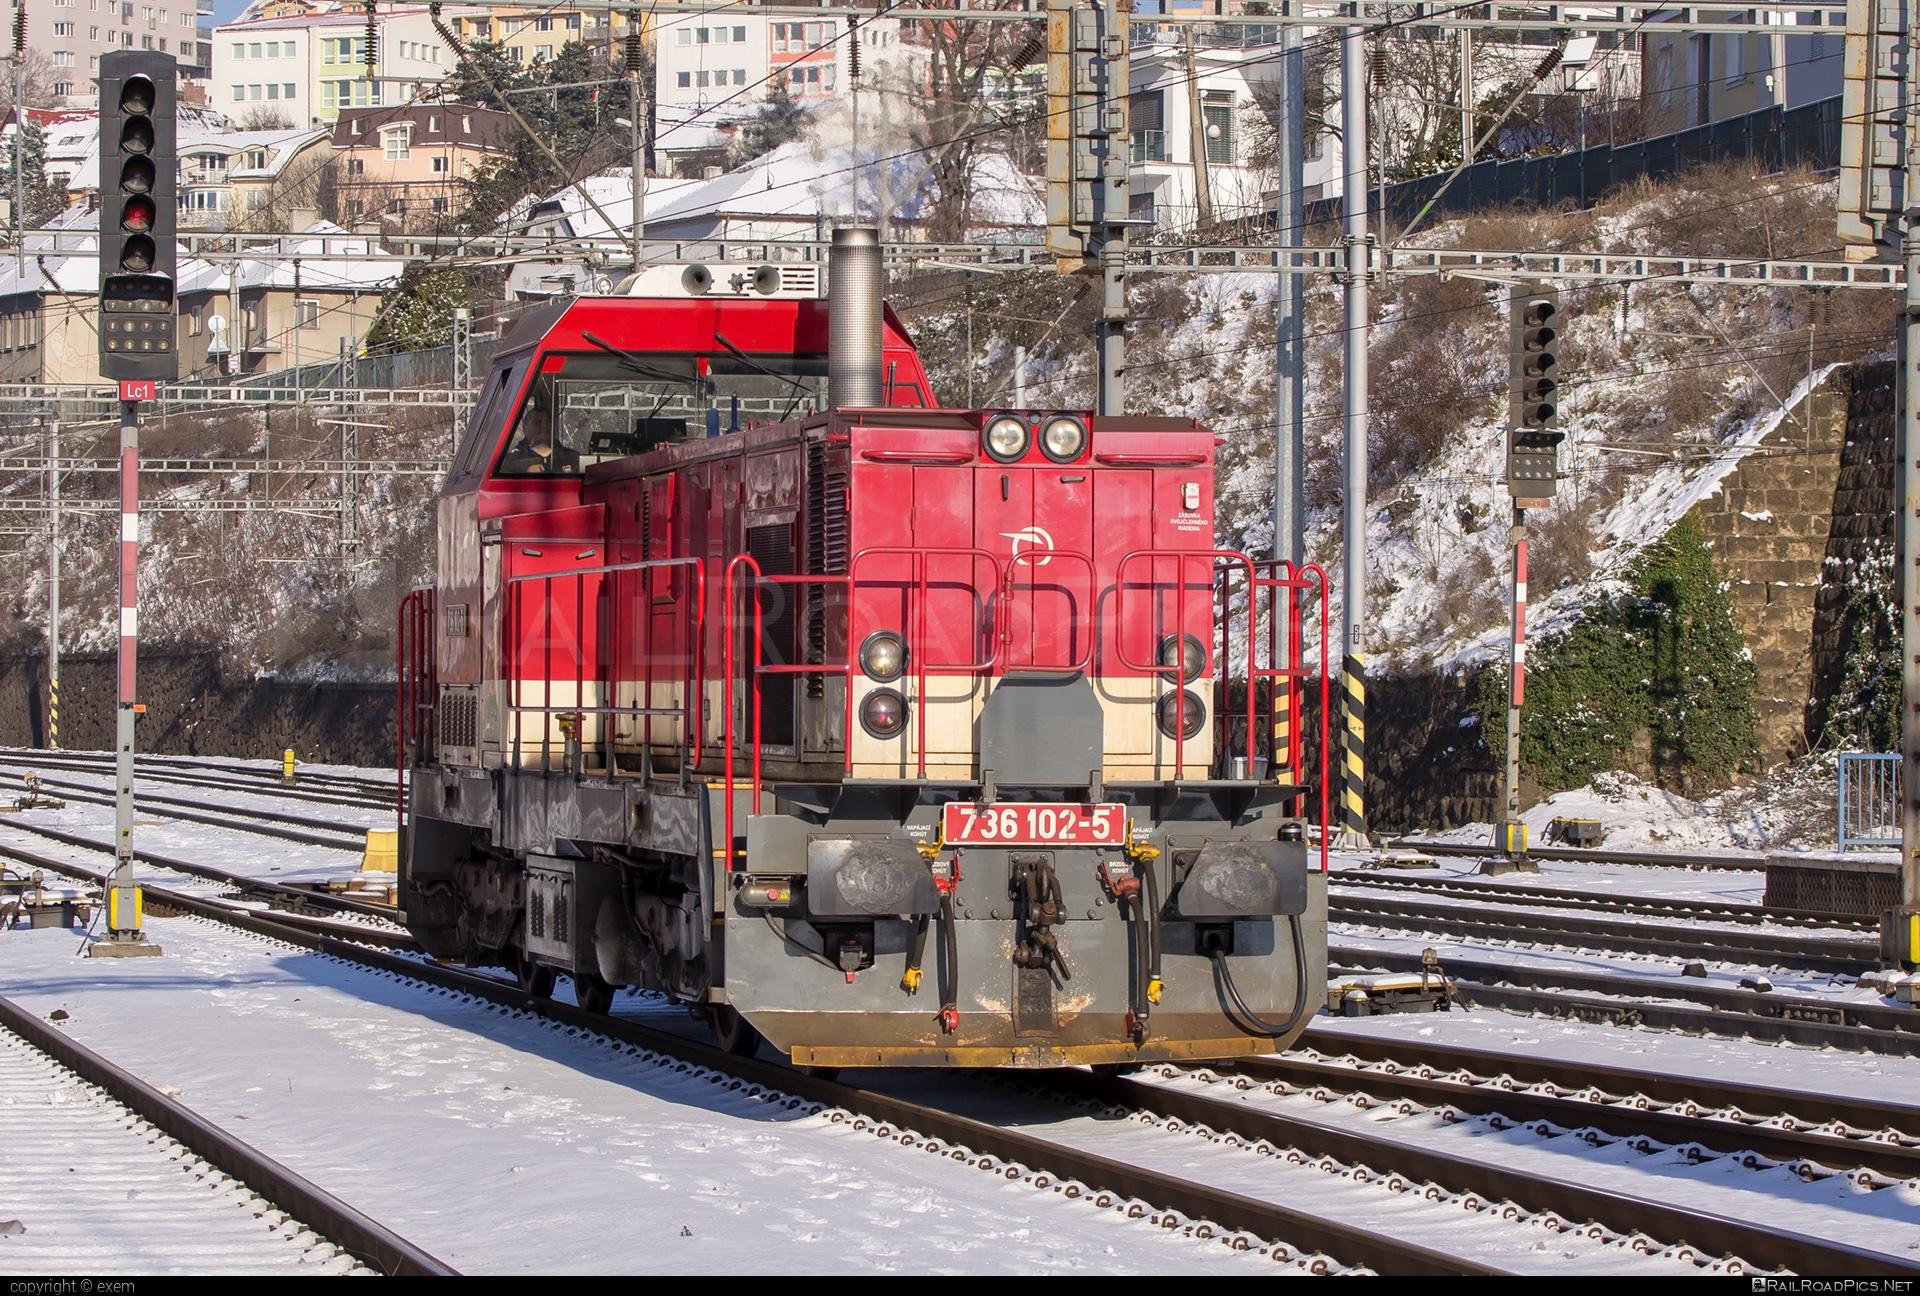 ŽOS Zvolen Class 736 - 736 102-5 operated by Železničná Spoločnost' Slovensko, a.s. #ZeleznicnaSpolocnostSlovensko #locomotive736 #zoszvolen #zoszvolen736 #zssk